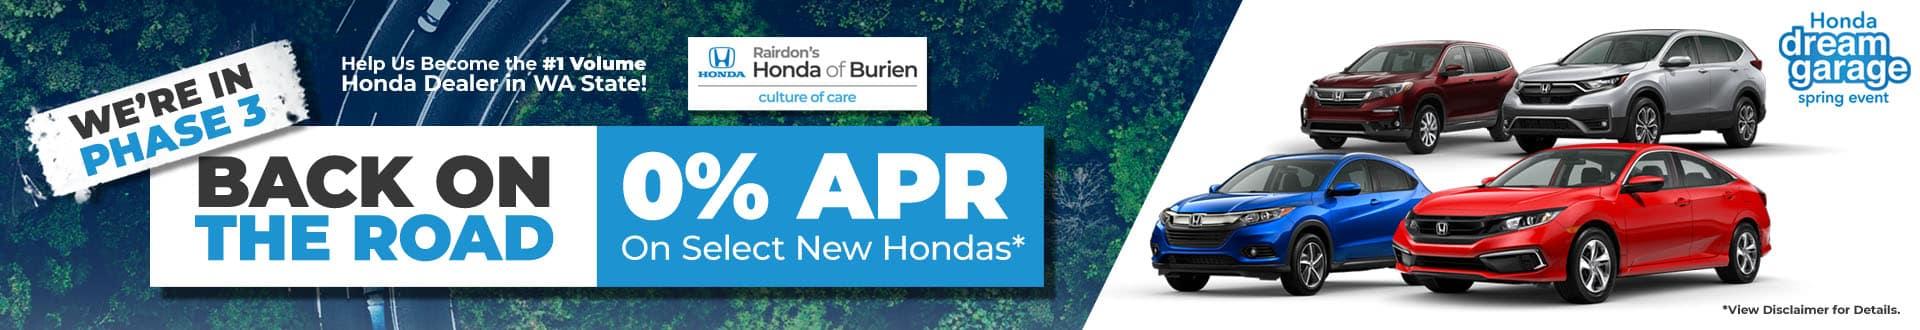 burhonda-backontheroad-april2021-banner-srp